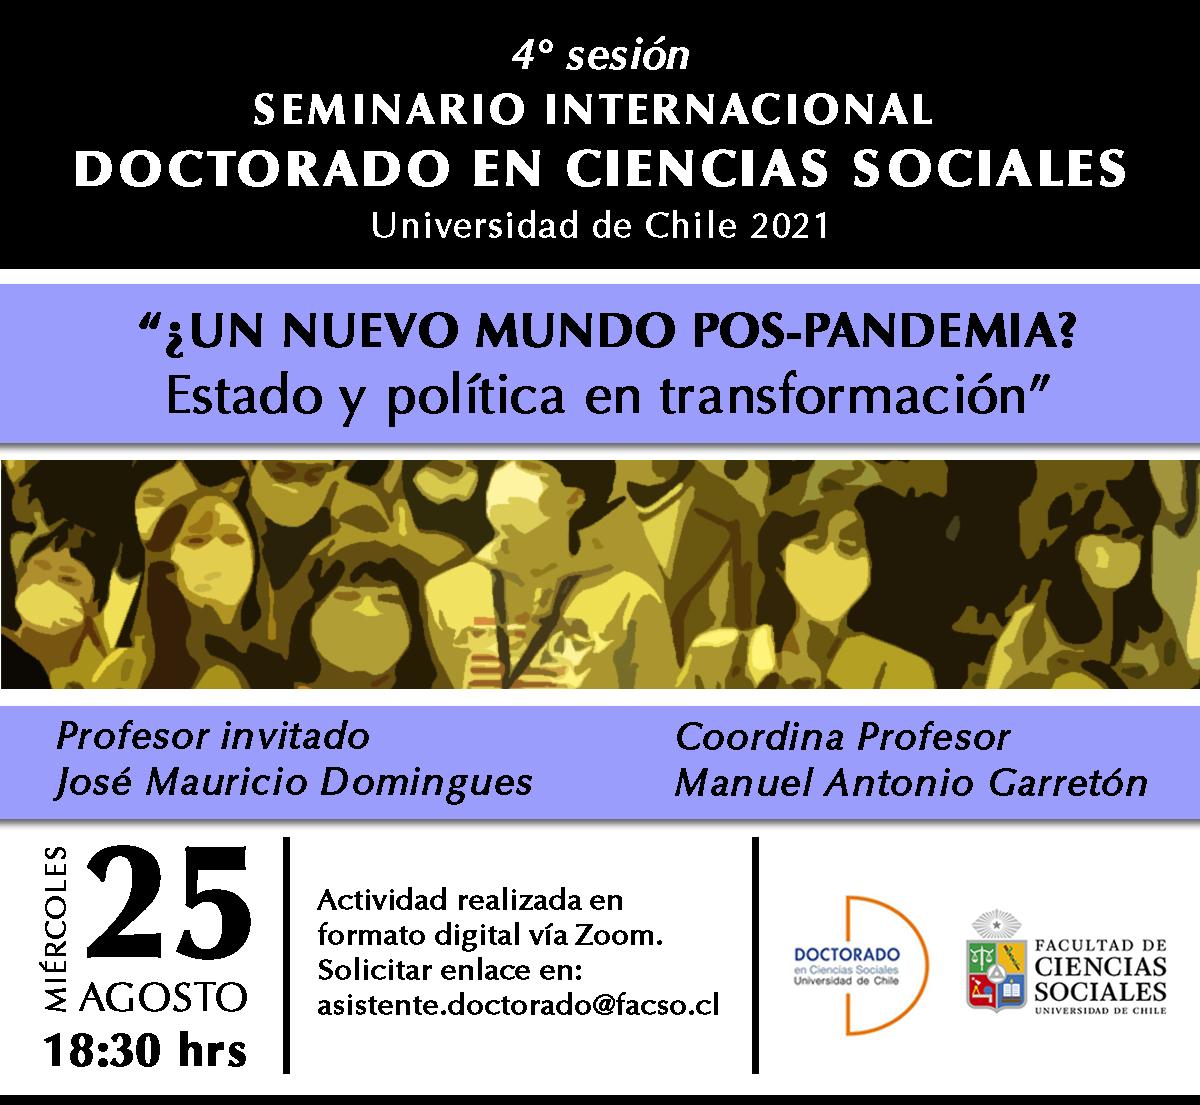 Cuarta sesión del seminario Internacional del Doctorado en Ciencias Sociales 2021